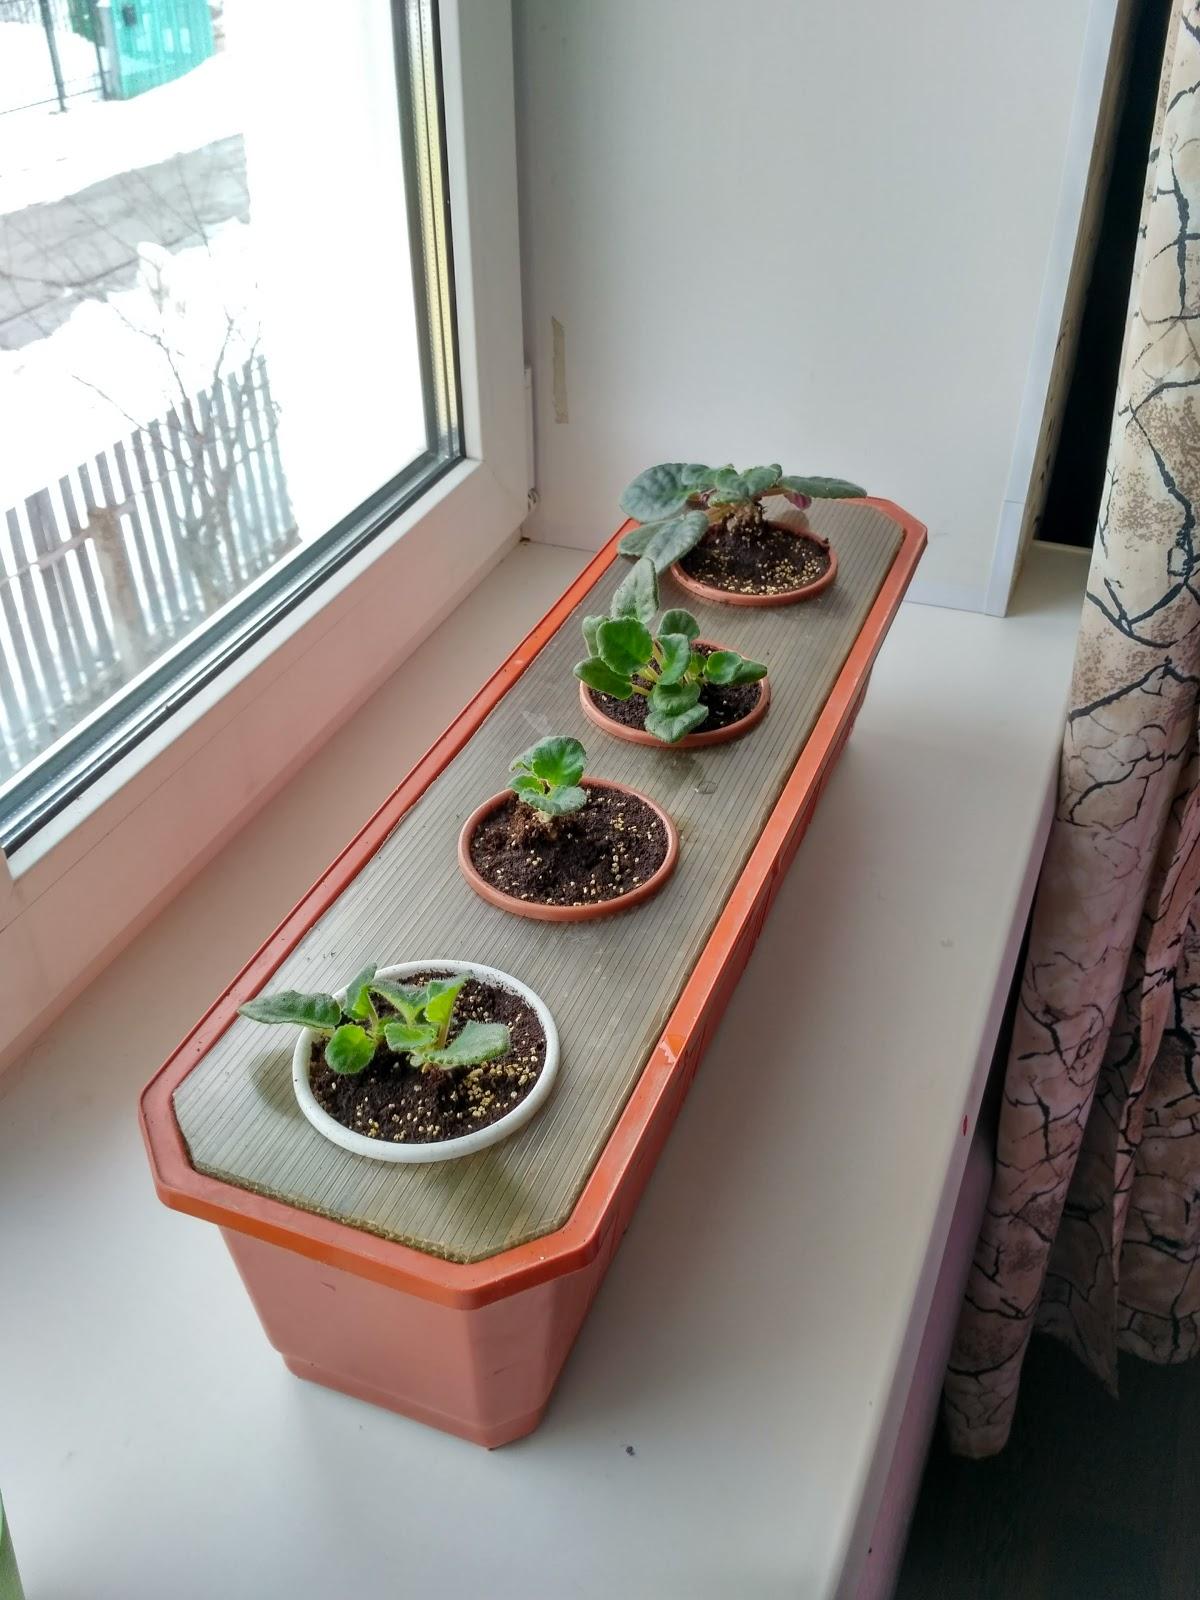 Как подобрать горшки для фиалок, чтобы посадить цветы правильно? 7